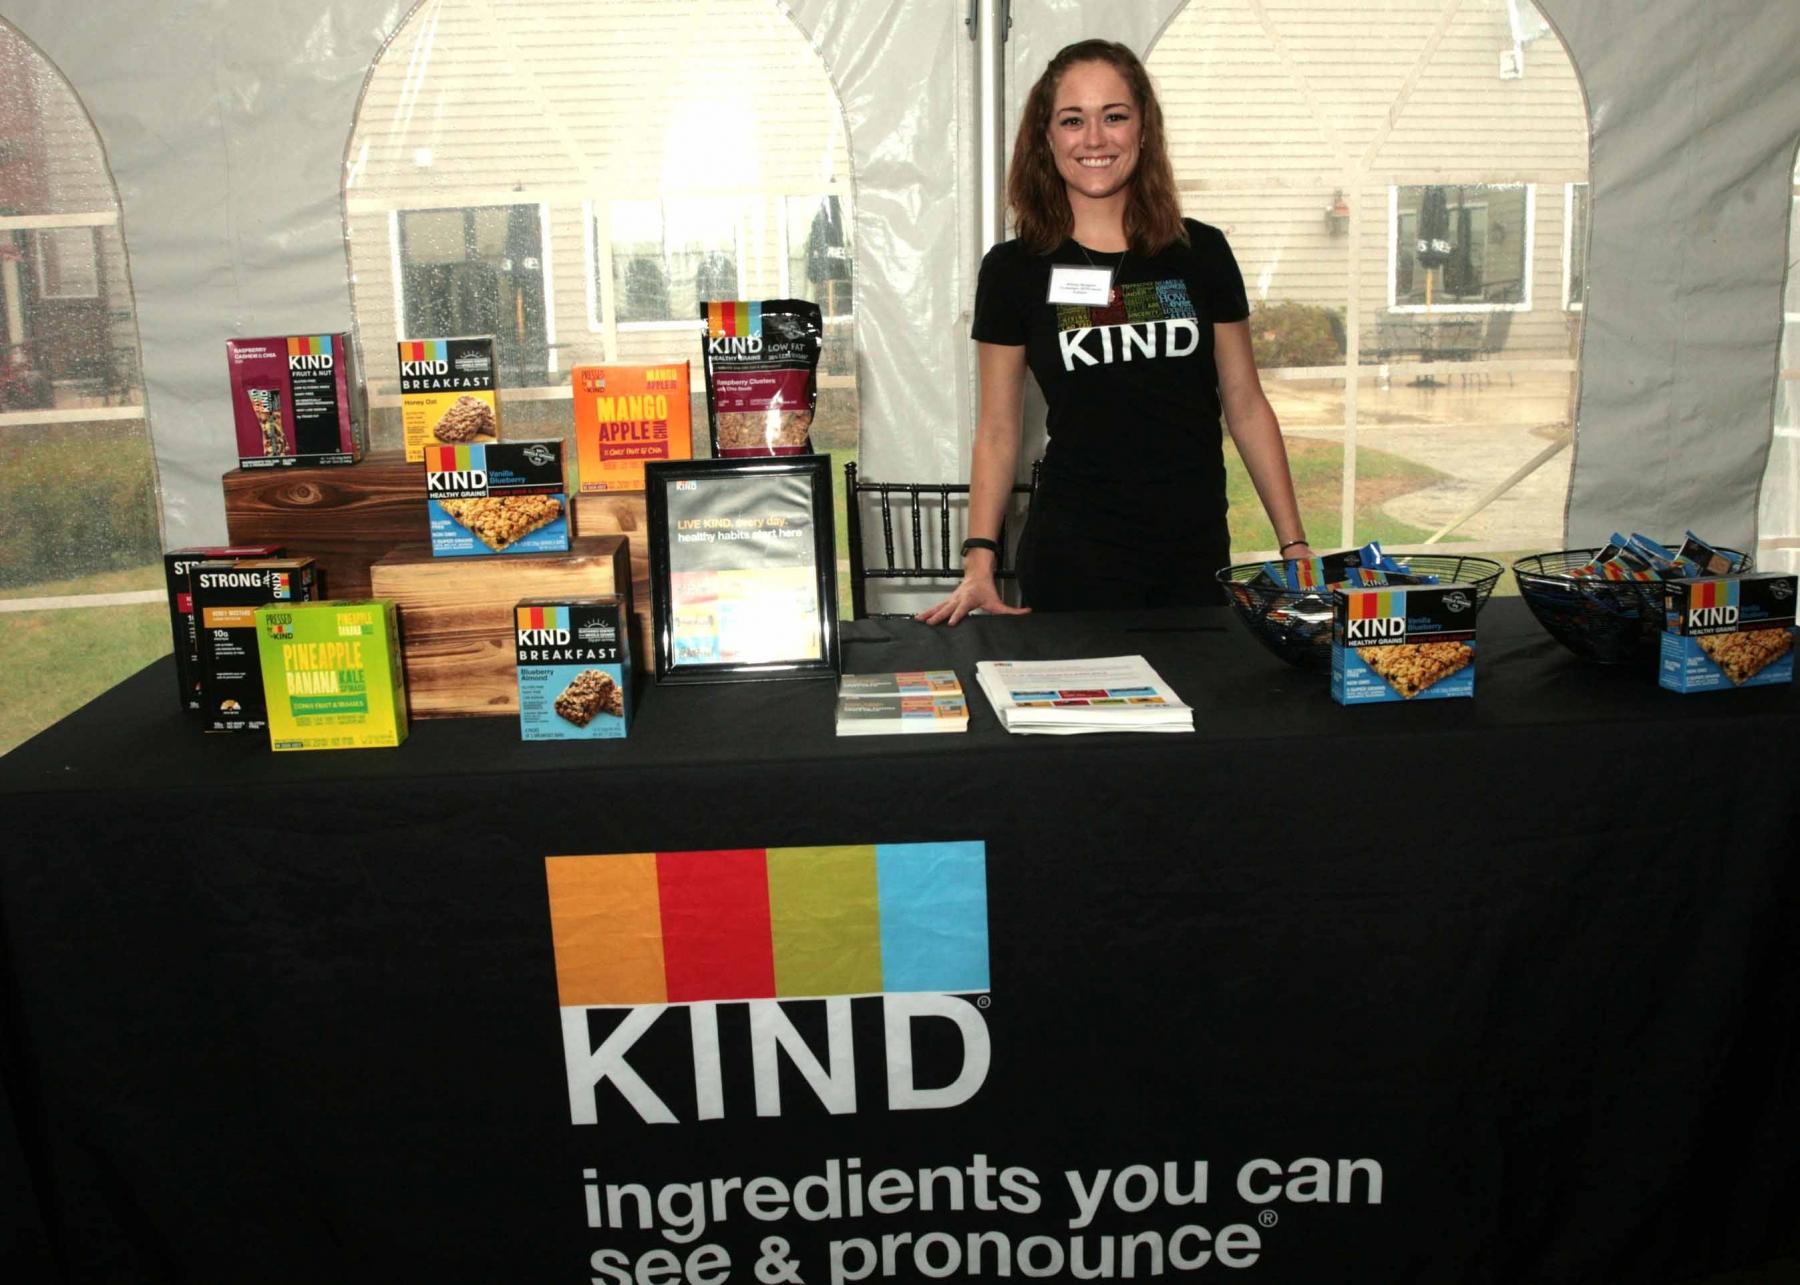 KIND, MA PTA Health Summit Vendor